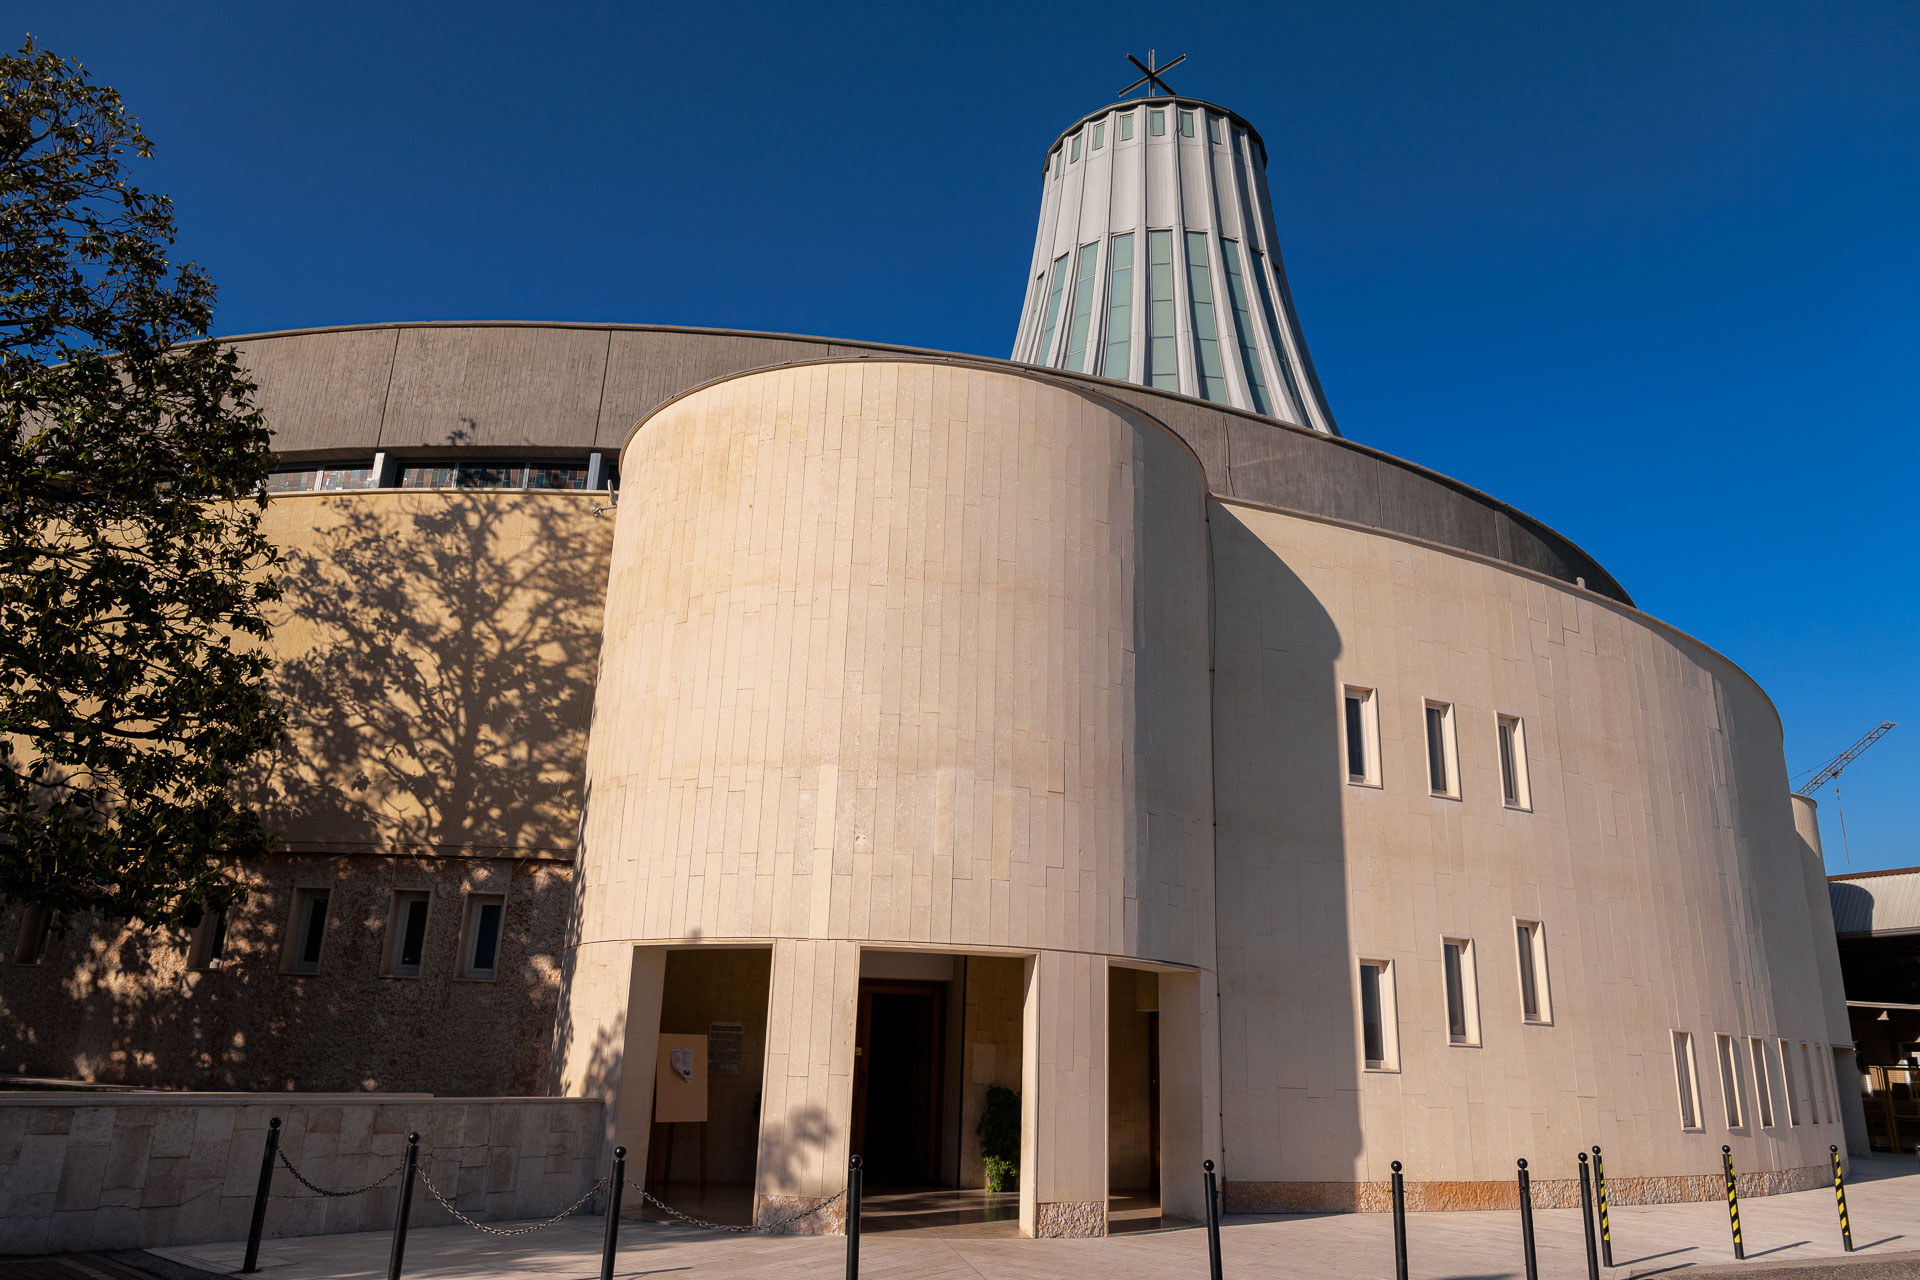 Completato l'intervento di risanamento strutturale della Chiesa di San Pietro a Trissino